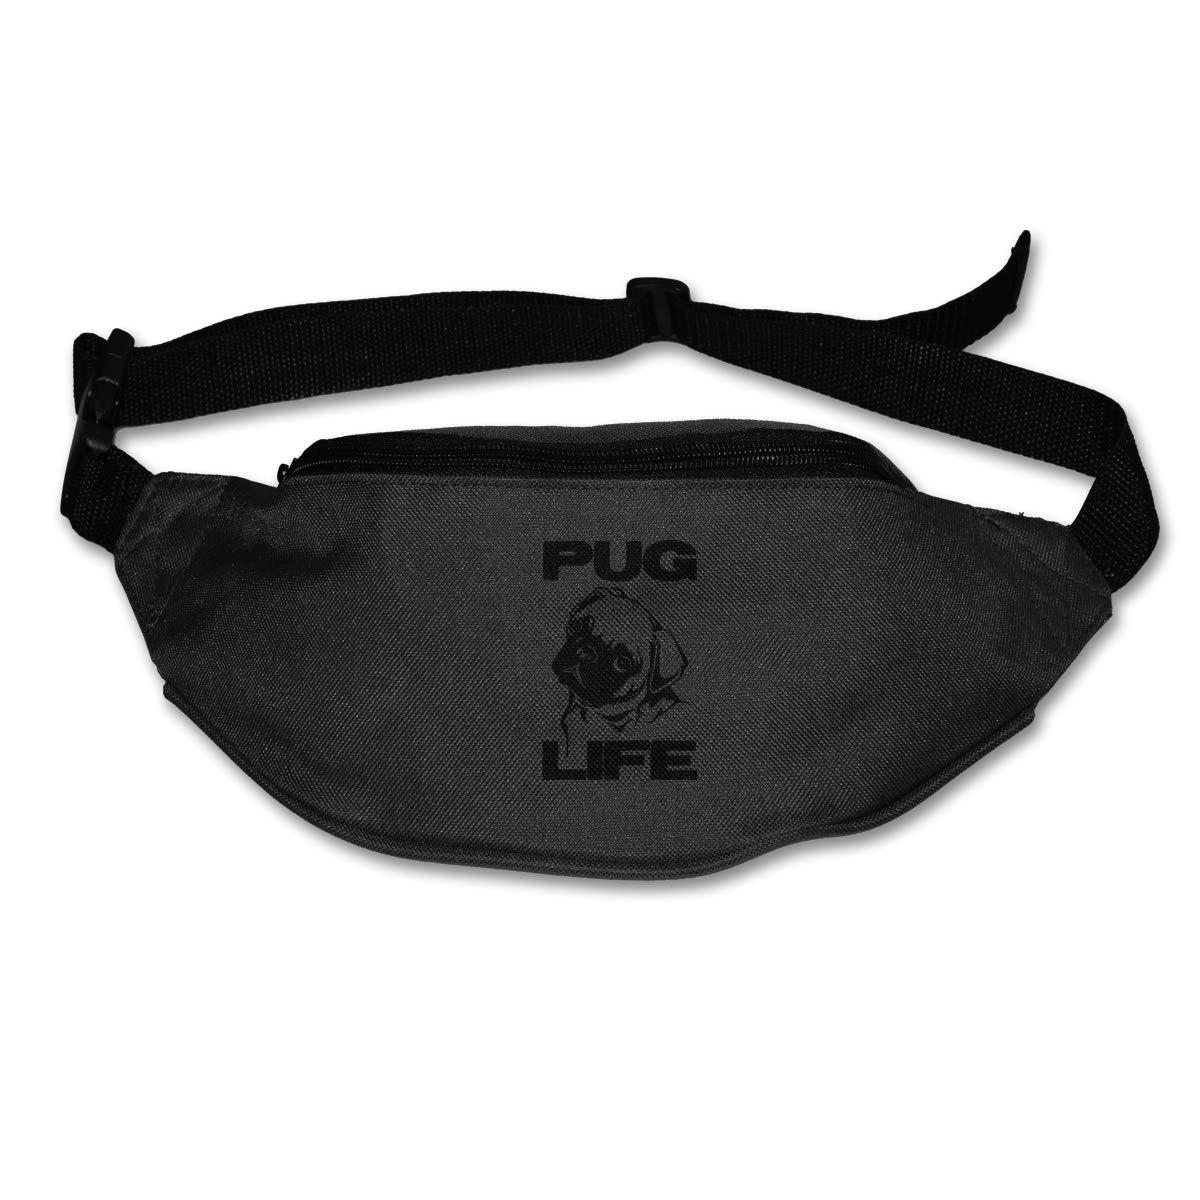 Dog Pug Life Sport Waist Packs Fanny Pack Adjustable For Hike